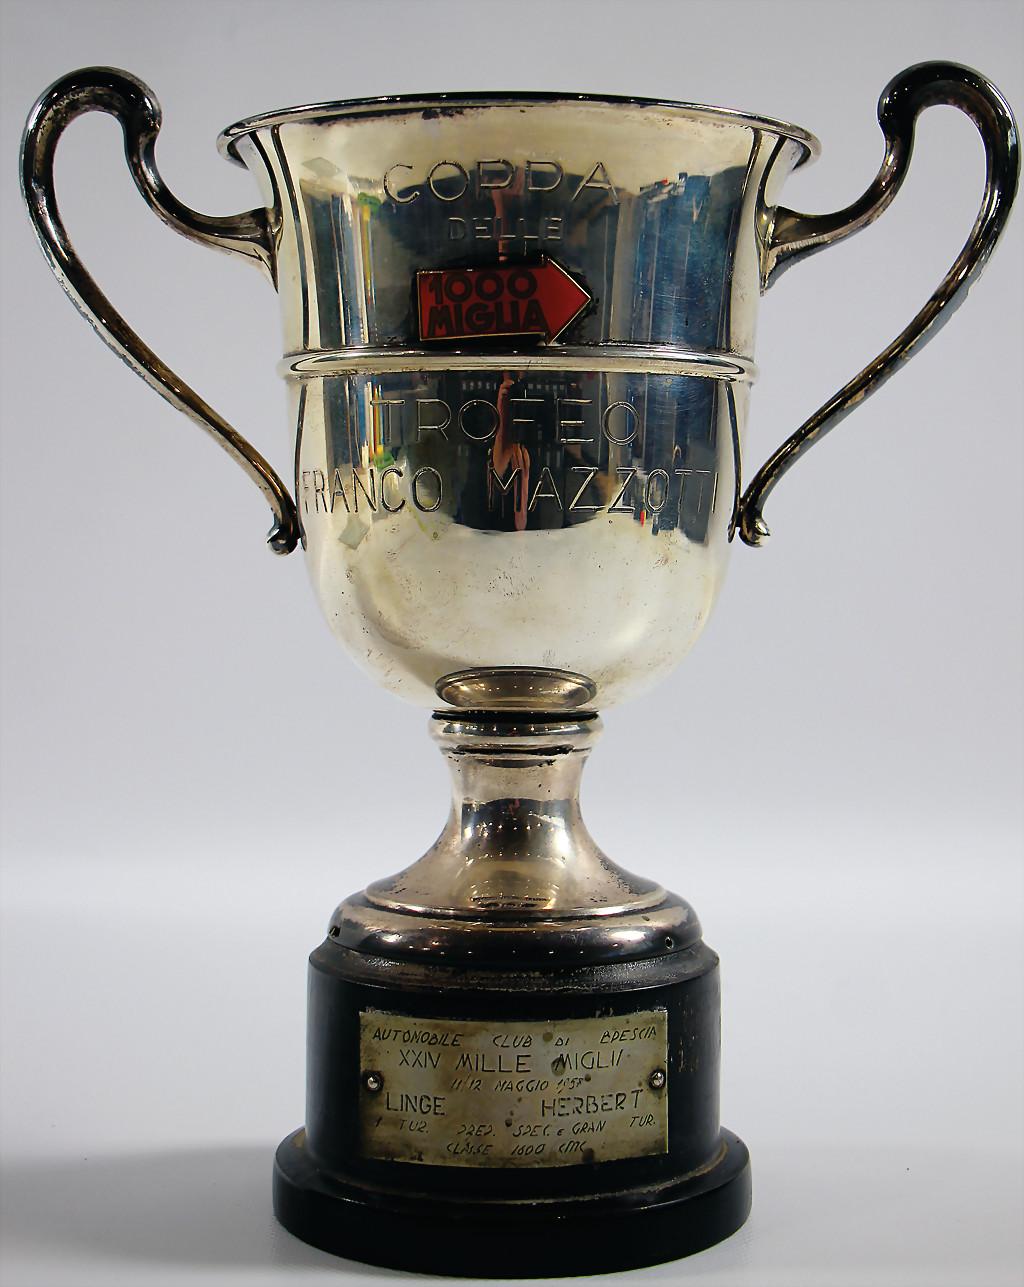 Mille Miglia cup 1957 Linge/Strähle - result 5.500 €